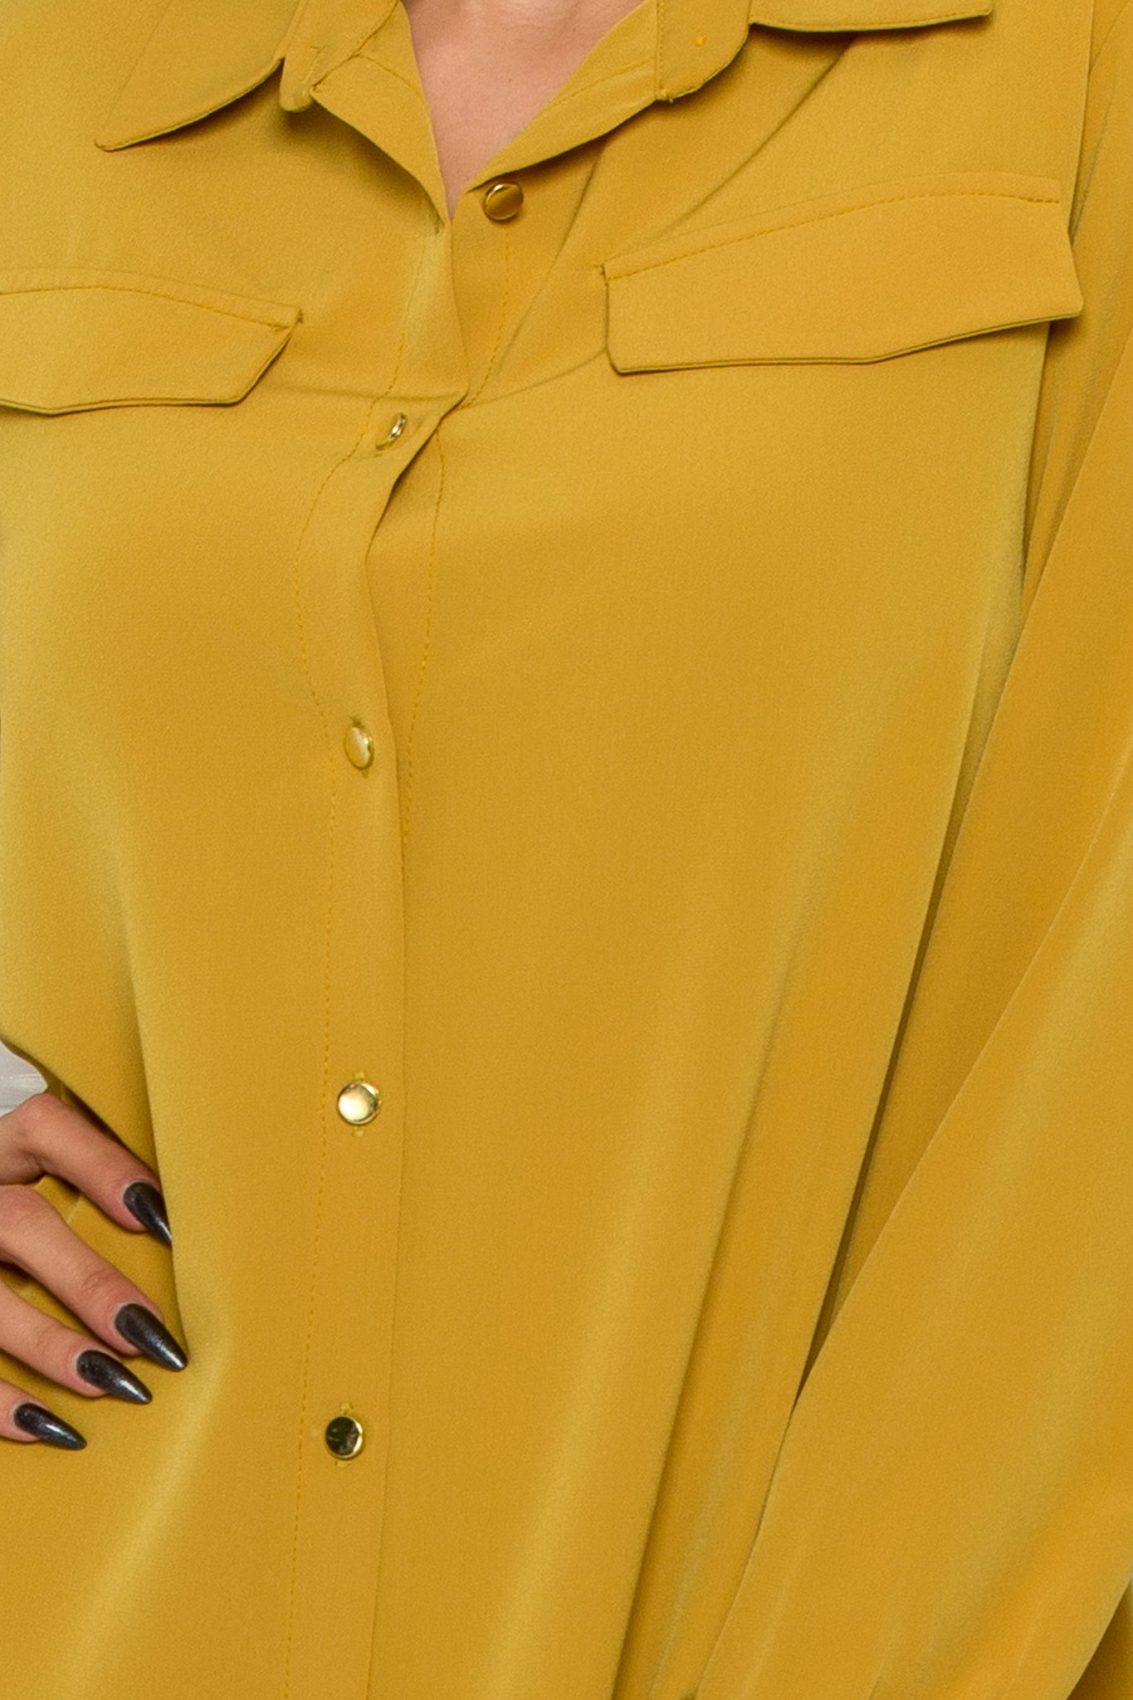 Κίτρινο Φόρεμα Πουκάμισο Μεγάλα Μεγέθη Kandy 9525 3